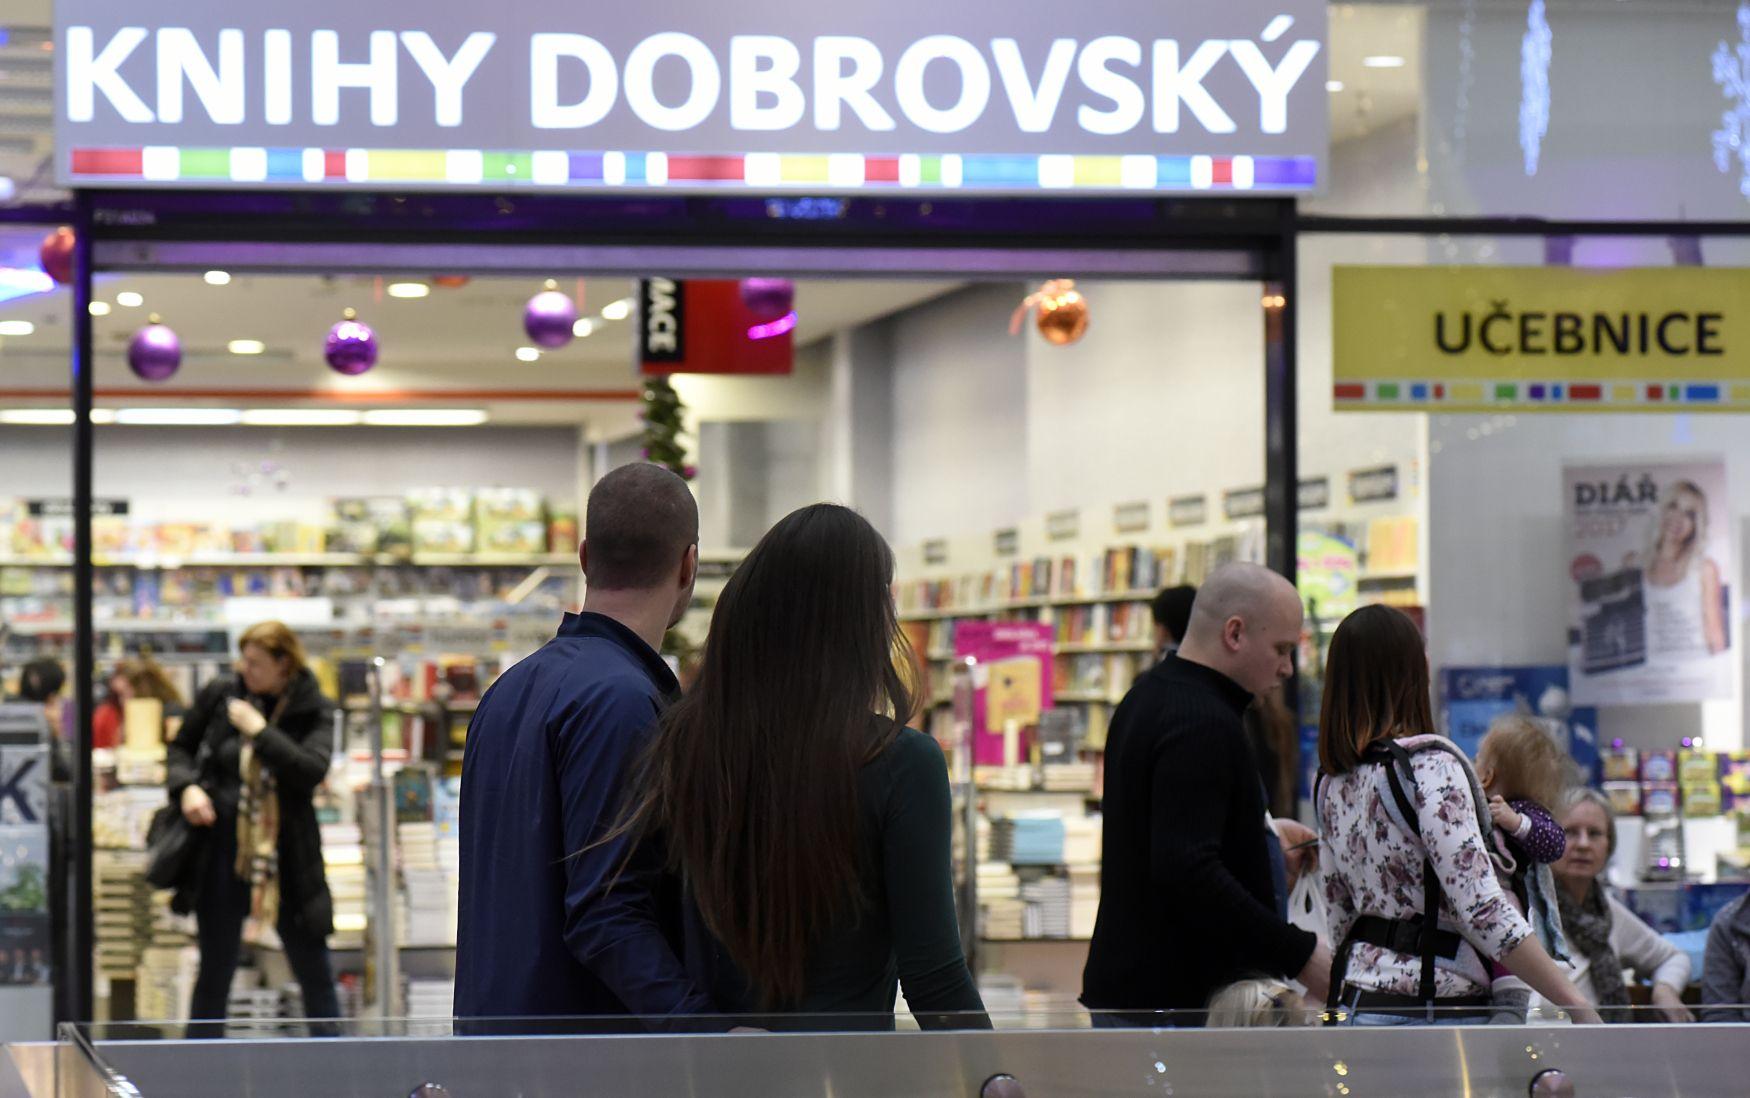 Obchodní centrum Nová Karolina, vánoční nákupy, nákup, zákazník, dárek, dárky, Knihy Dobrovský, knihkupectví, nákupní horečka